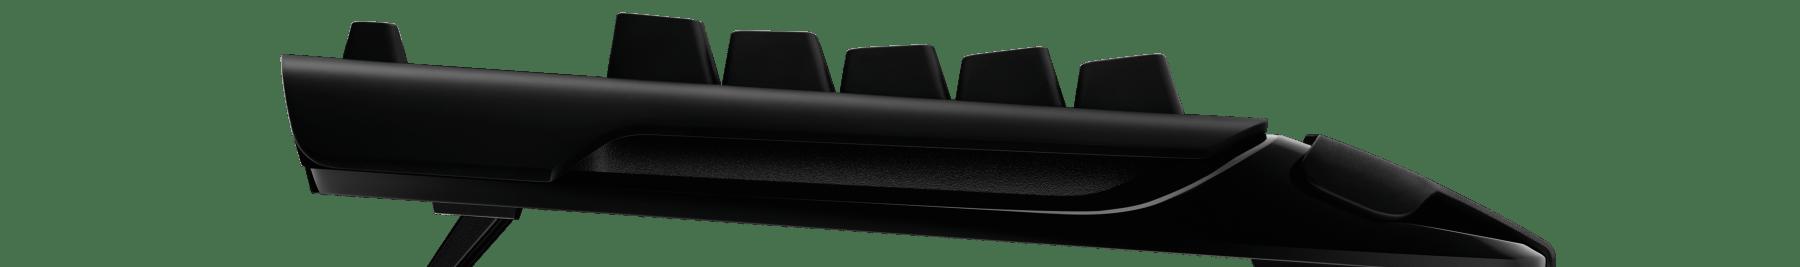 G910 RGB Mechanical Gaming Keyboard